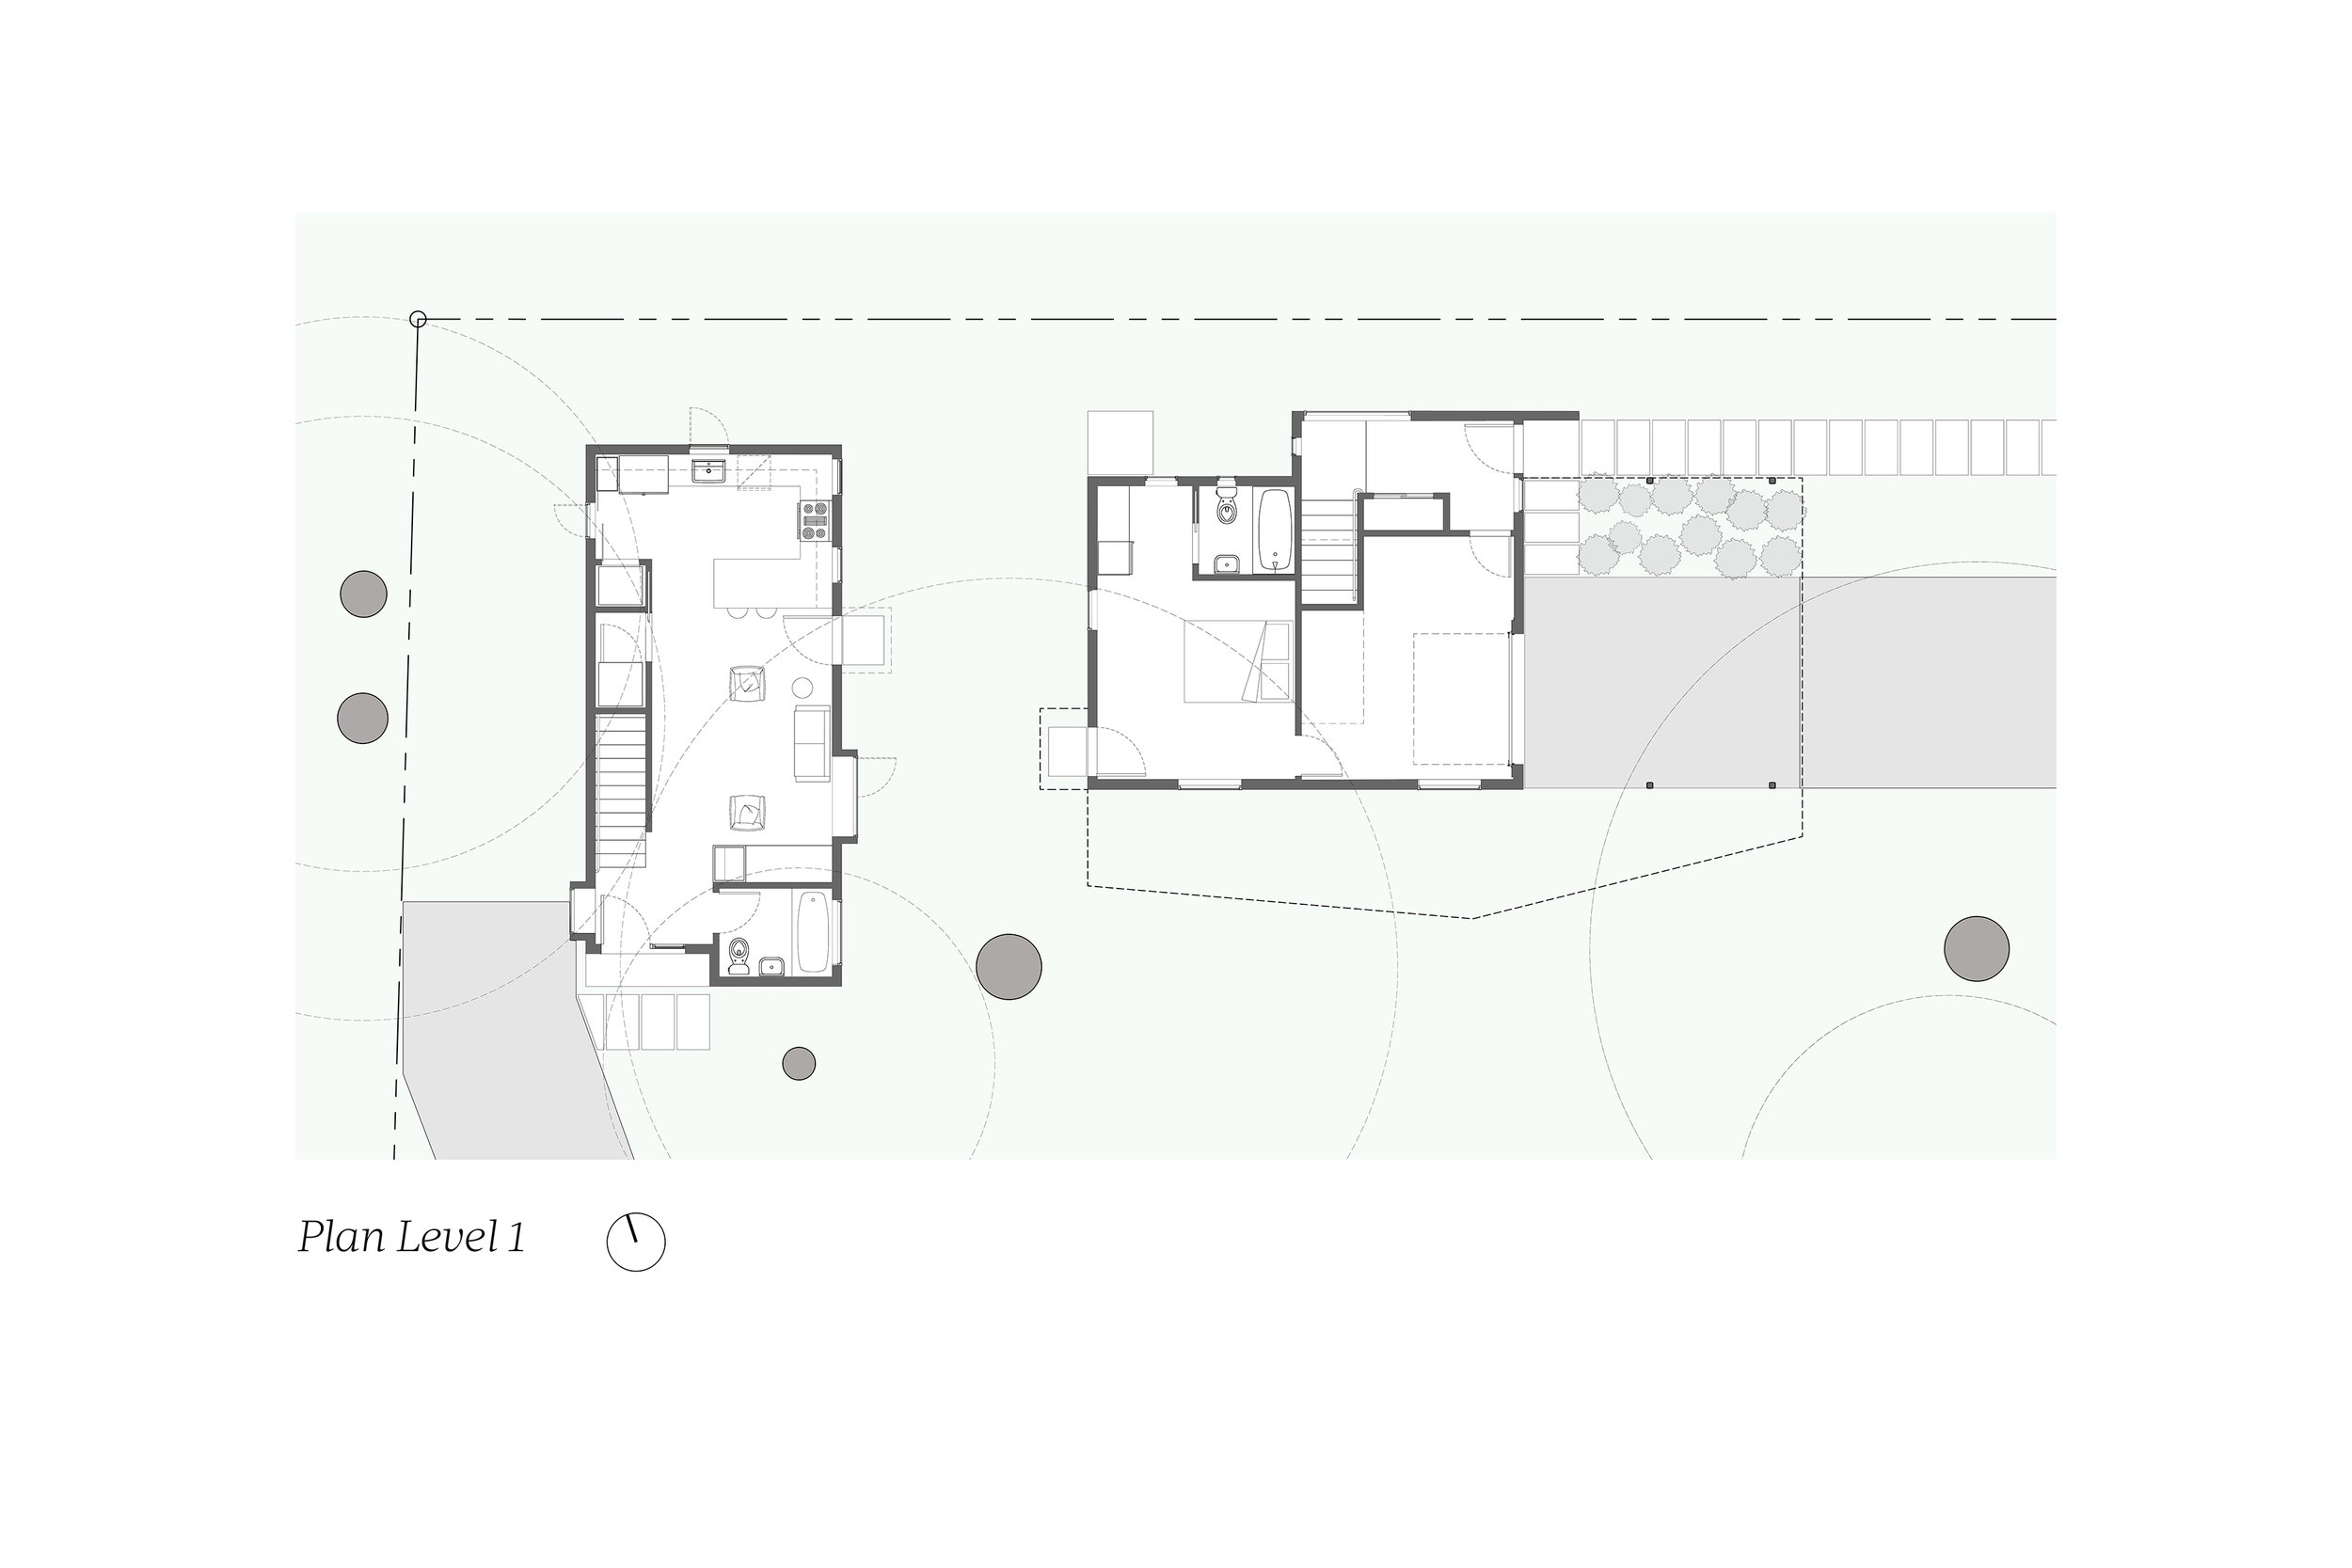 037_MS_Floor Plans.jpg